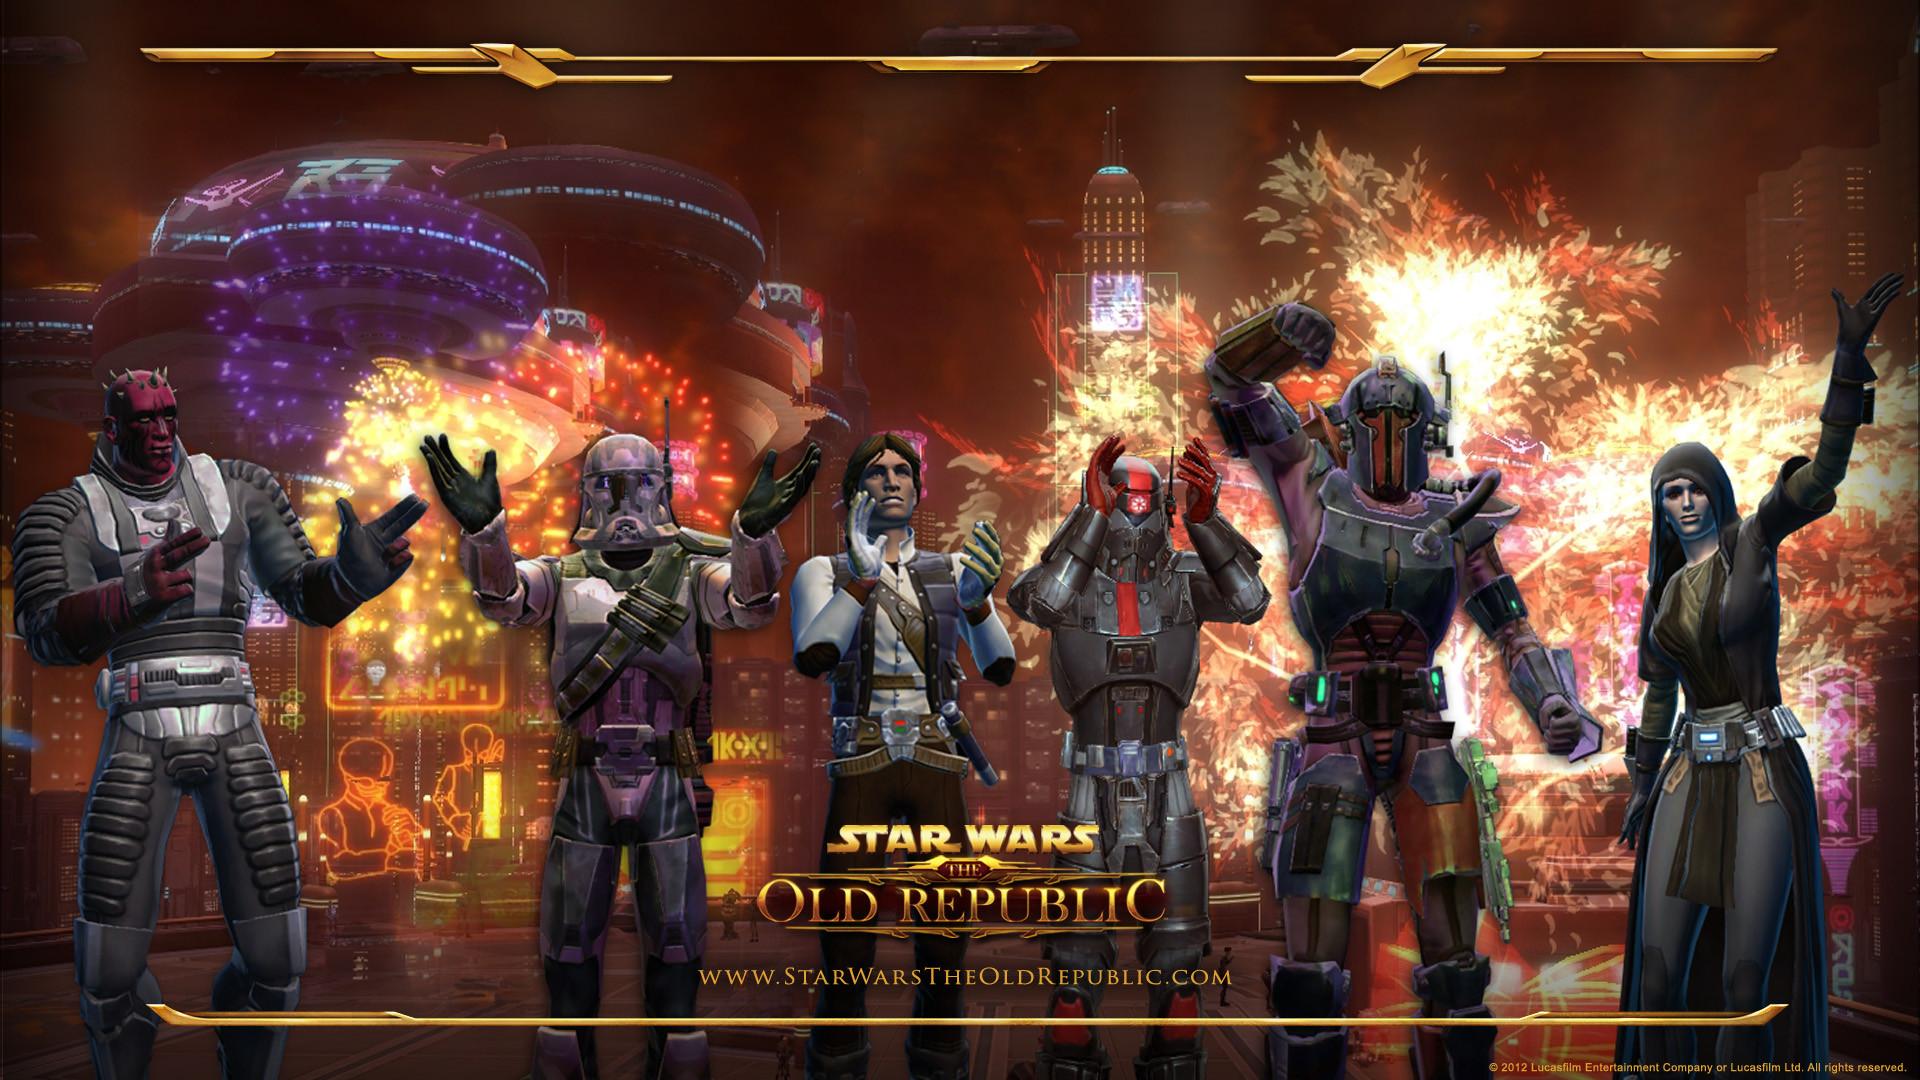 Star Wars The Old Republic 1920x1080 Wallpaper Teahub Io